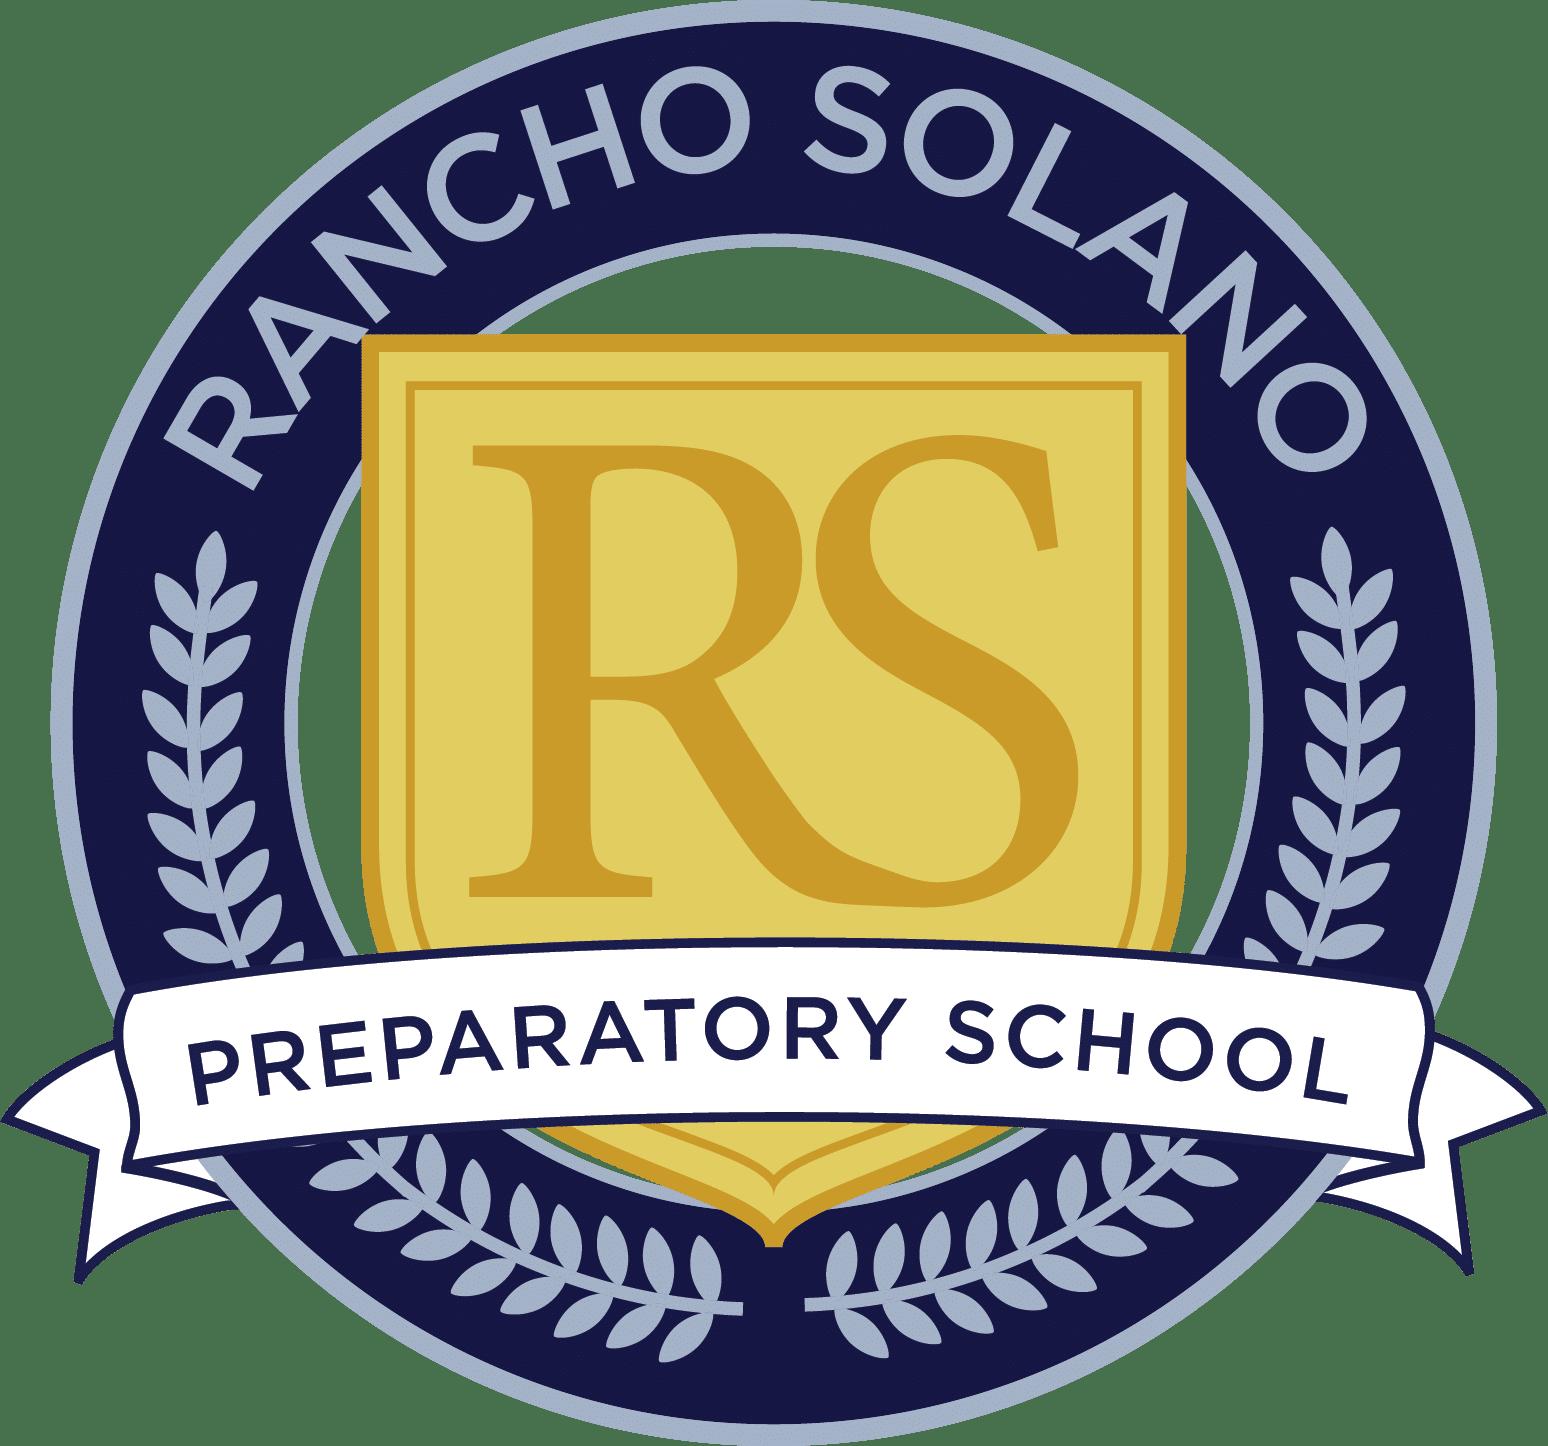 Rancho_Solano_Preparatory_School_Logo